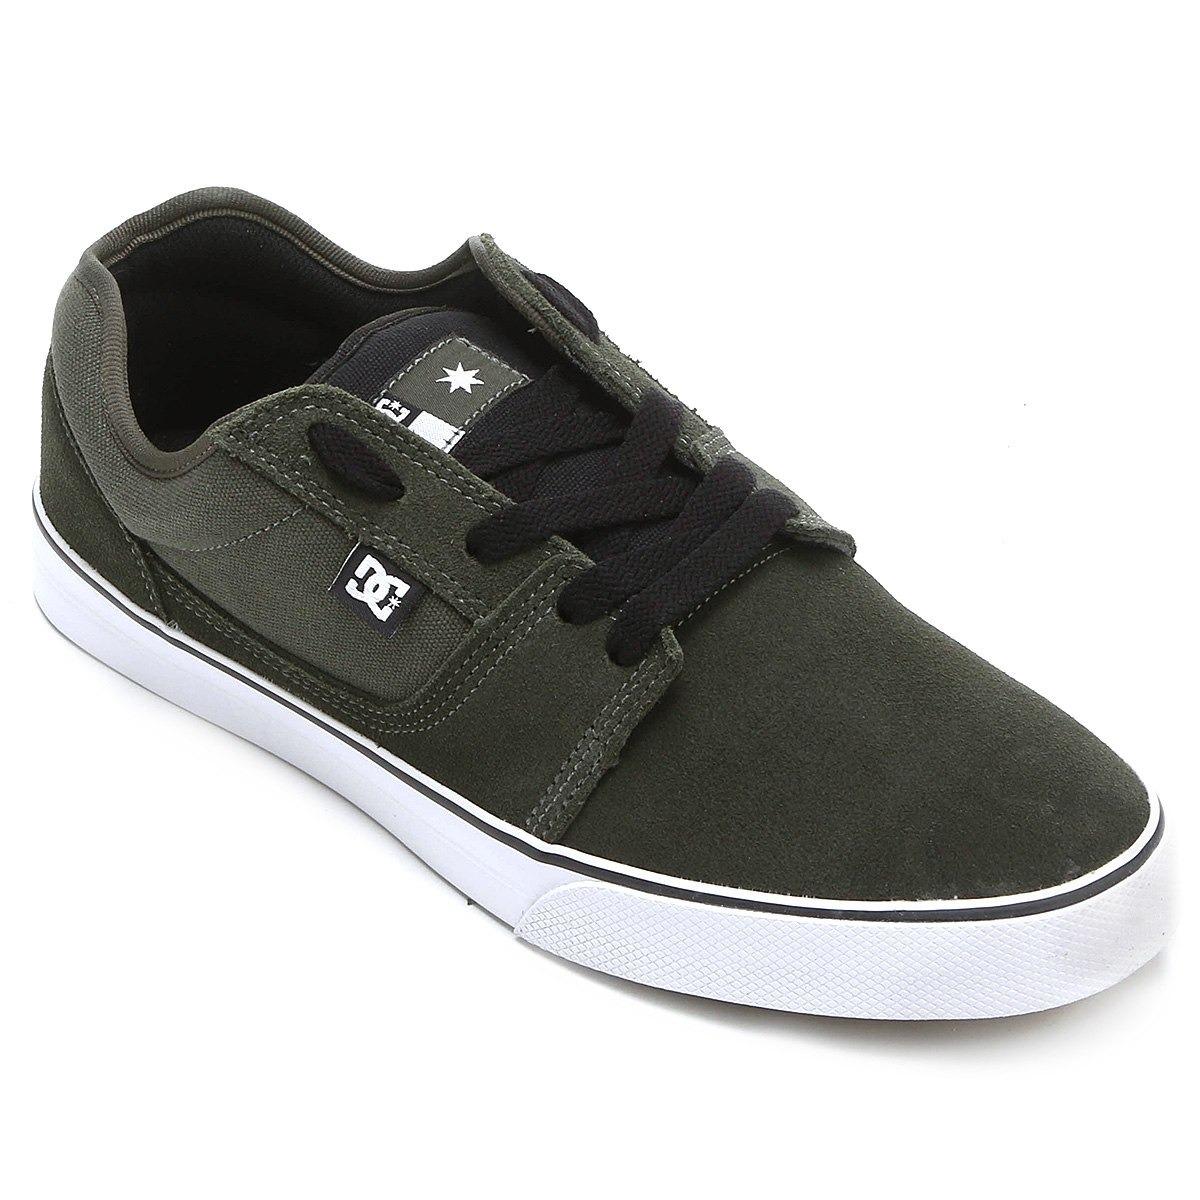 c1650c6799 tênis dc shoes bristol escuro original promoção jp sports. Carregando zoom.